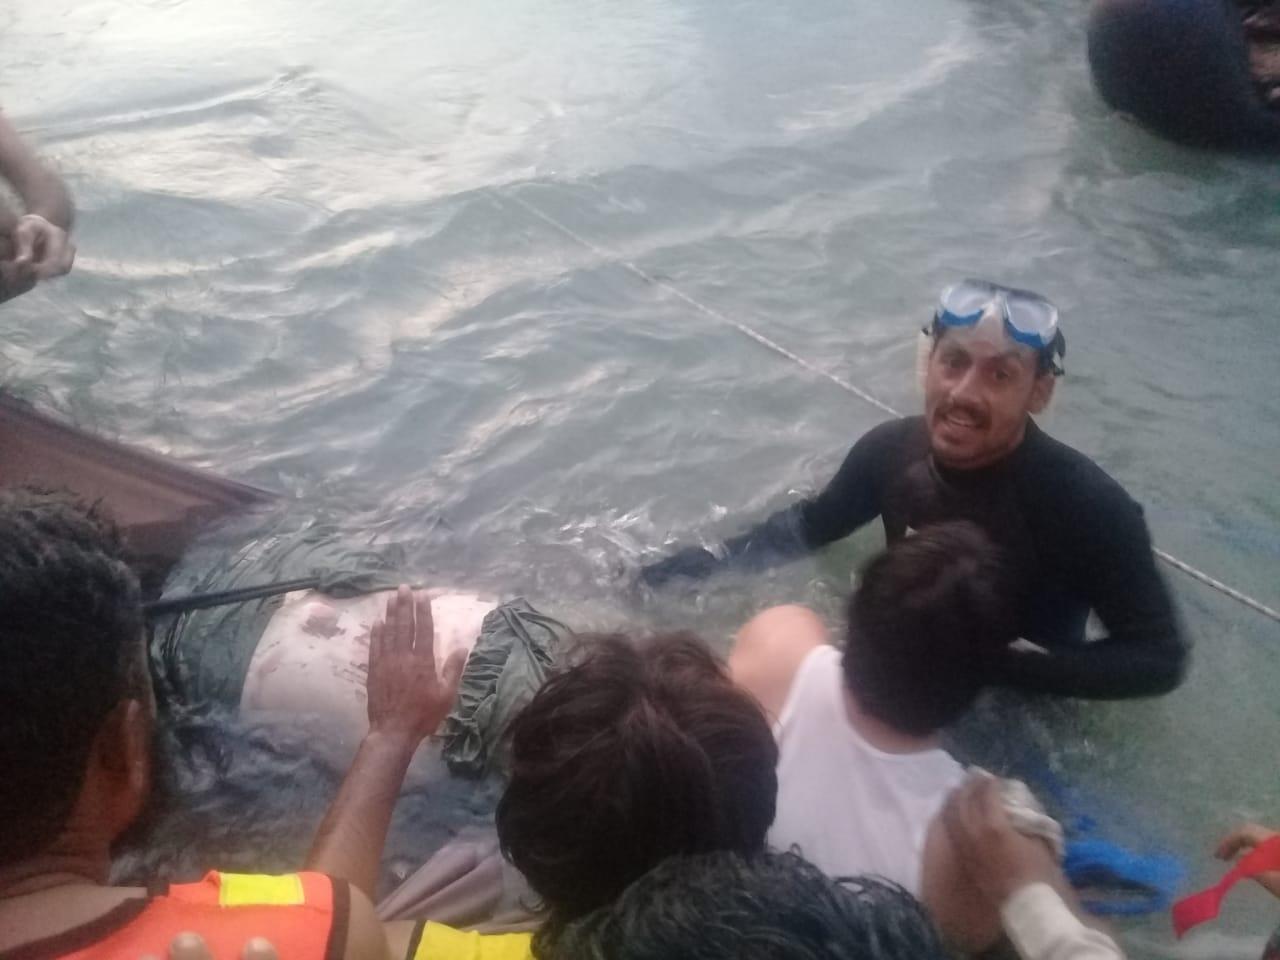 دریاء سوات میں لاپتہ مزدور کی لاش چھ دن بعد مل گئی ، اپریشن ختم